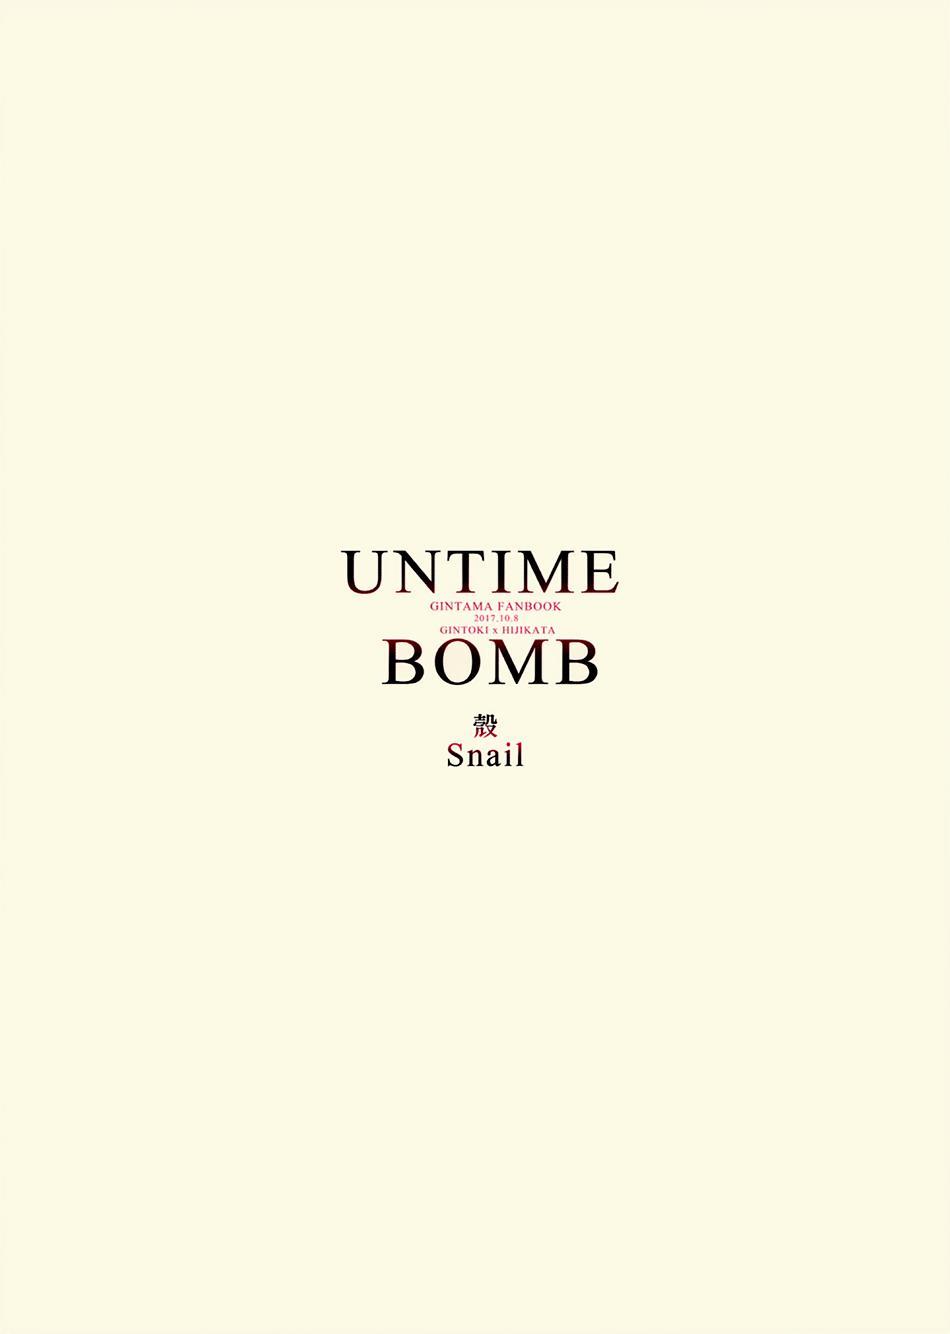 UNTIME BOMB 53